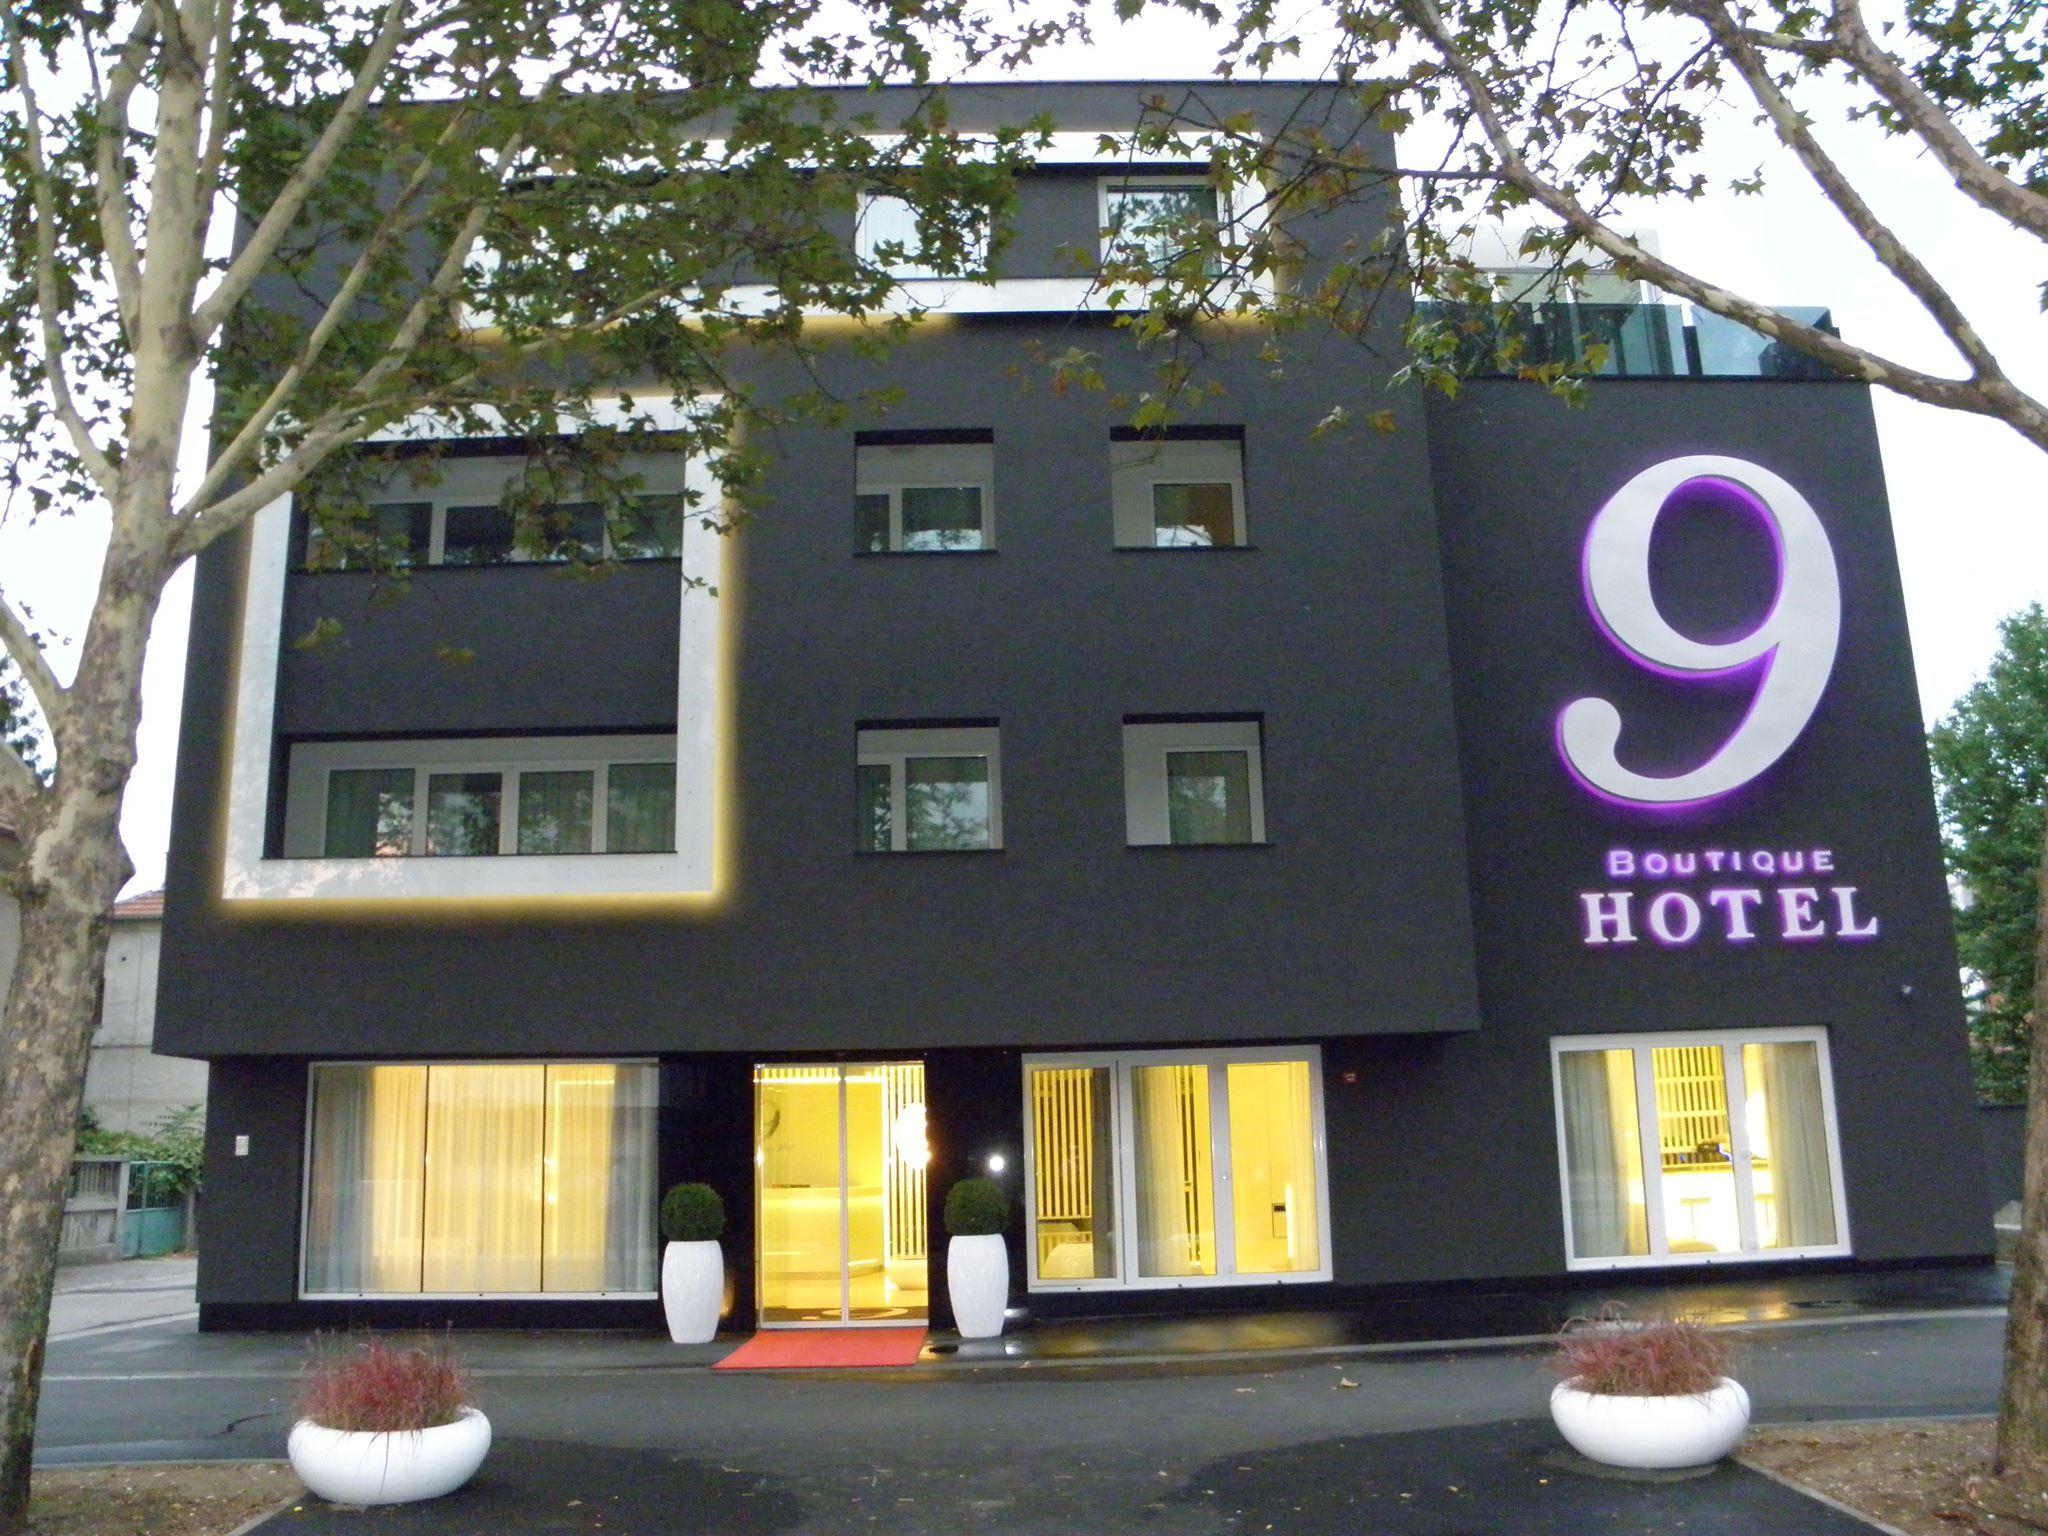 Boutique Hotel No.9